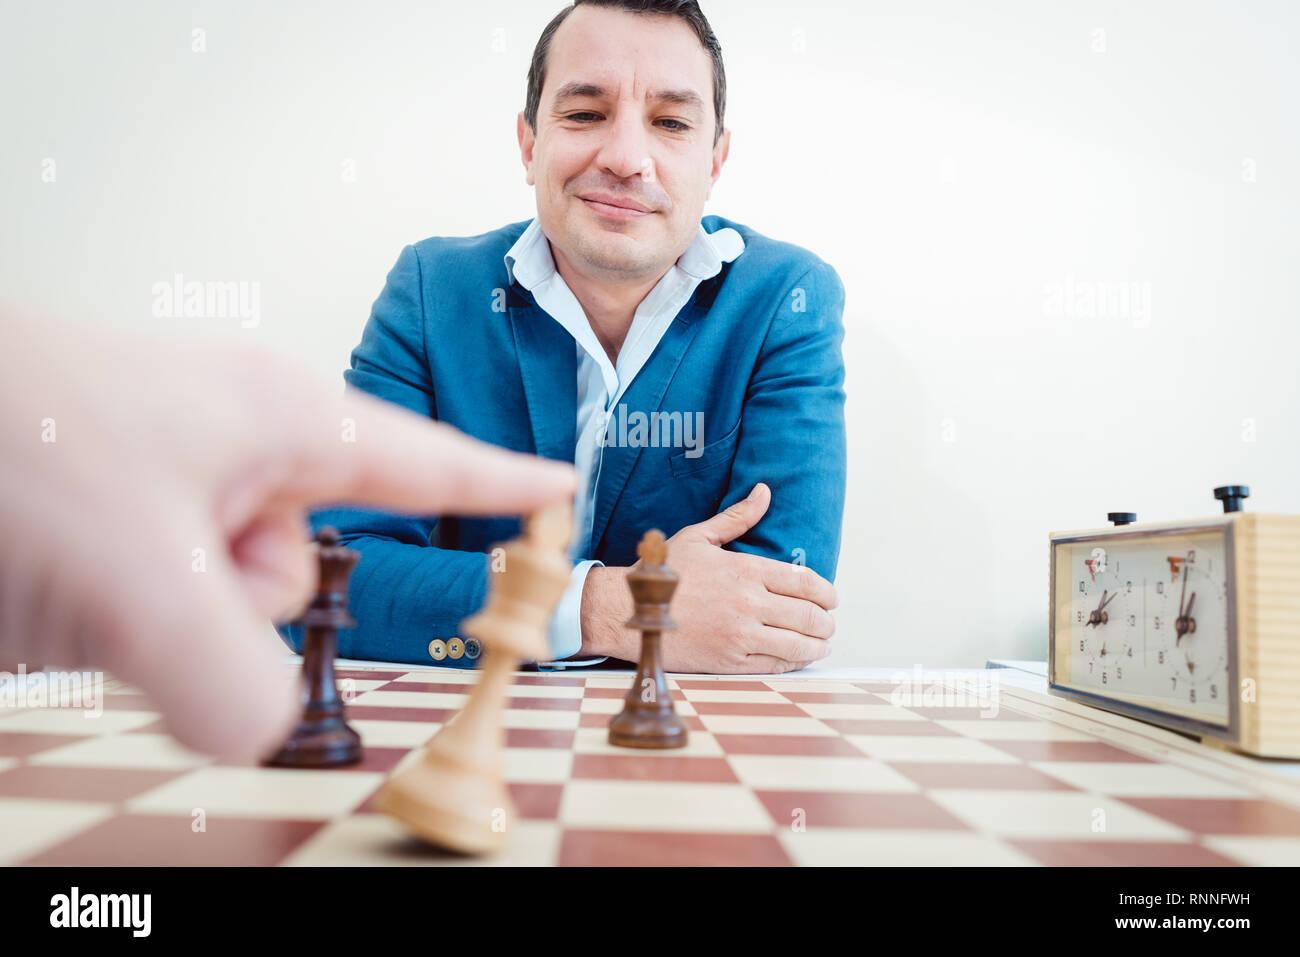 man setting woman checkmate - Stock Image